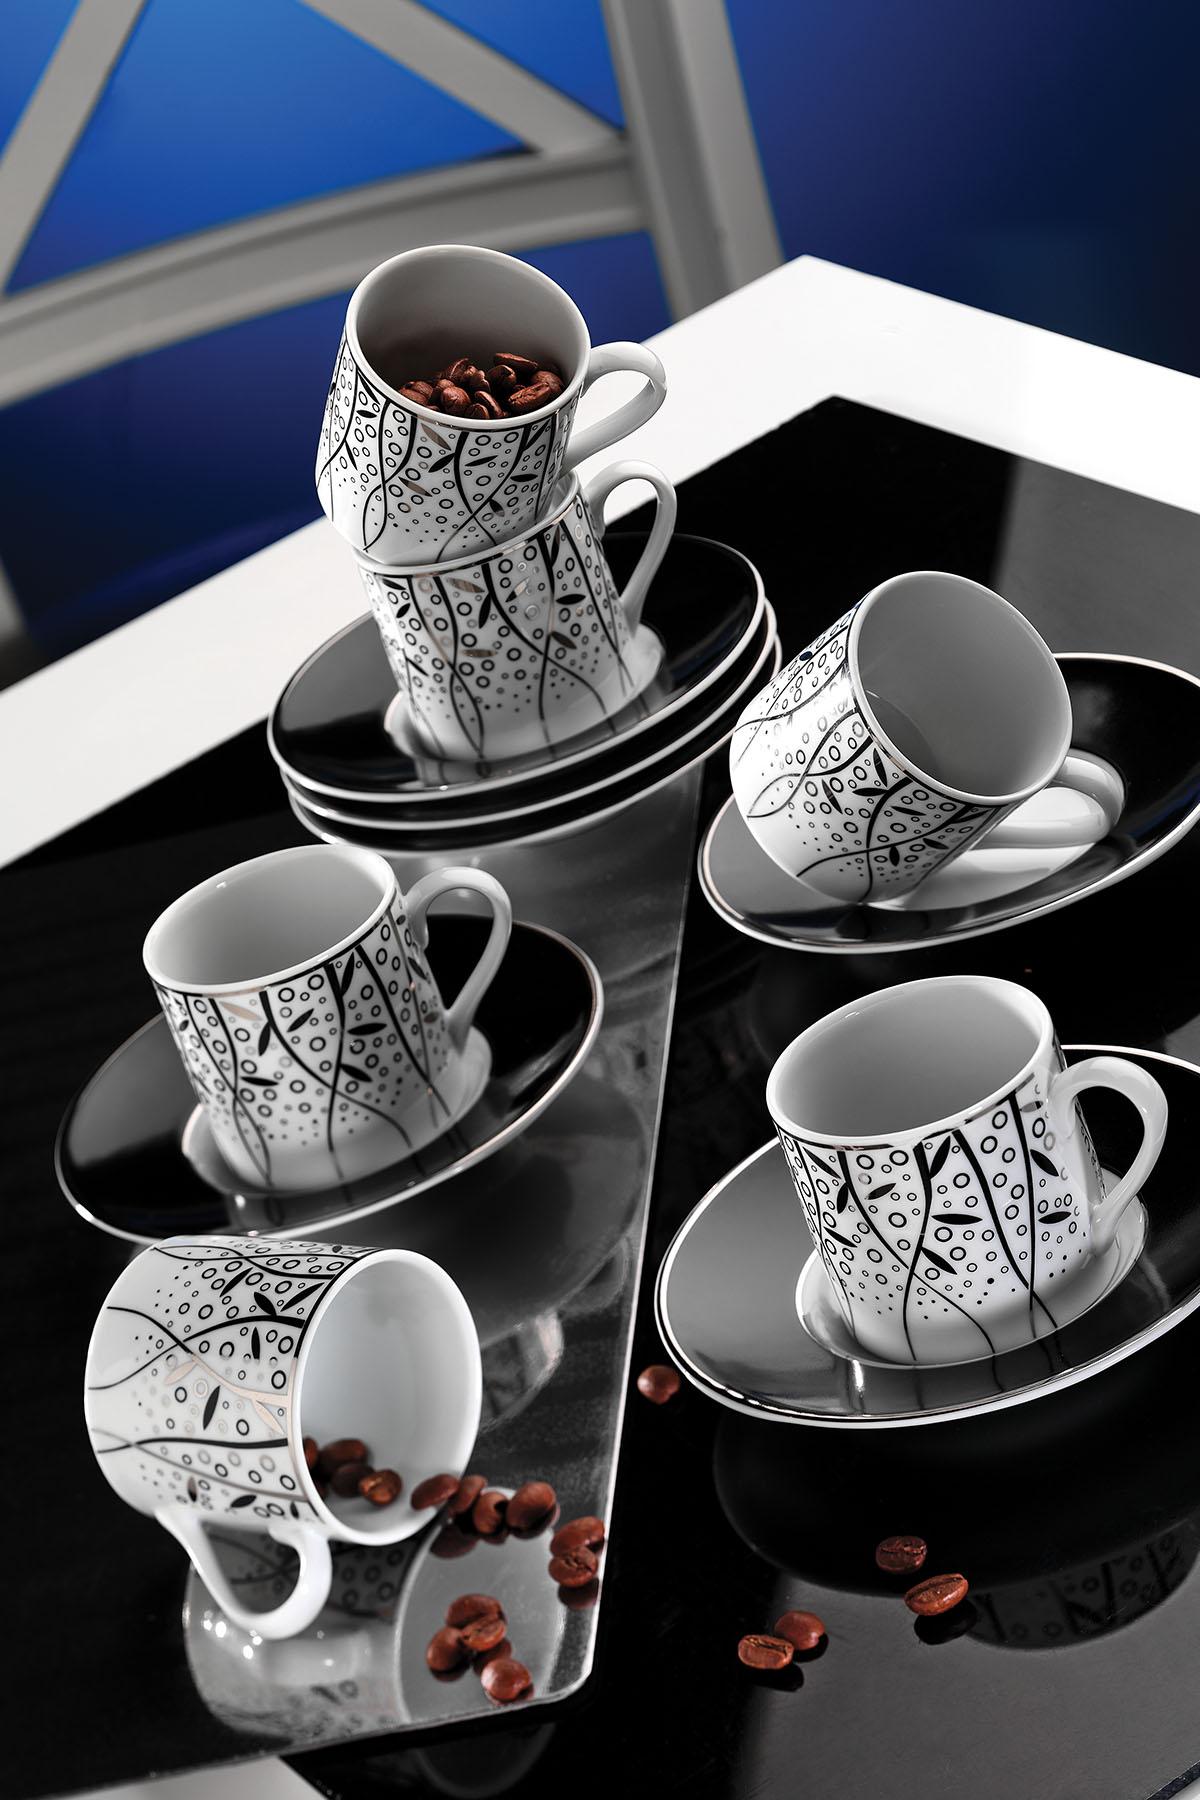 Kütahya Porselen Rüya 7041 Desen Kahve Fincan Takımı